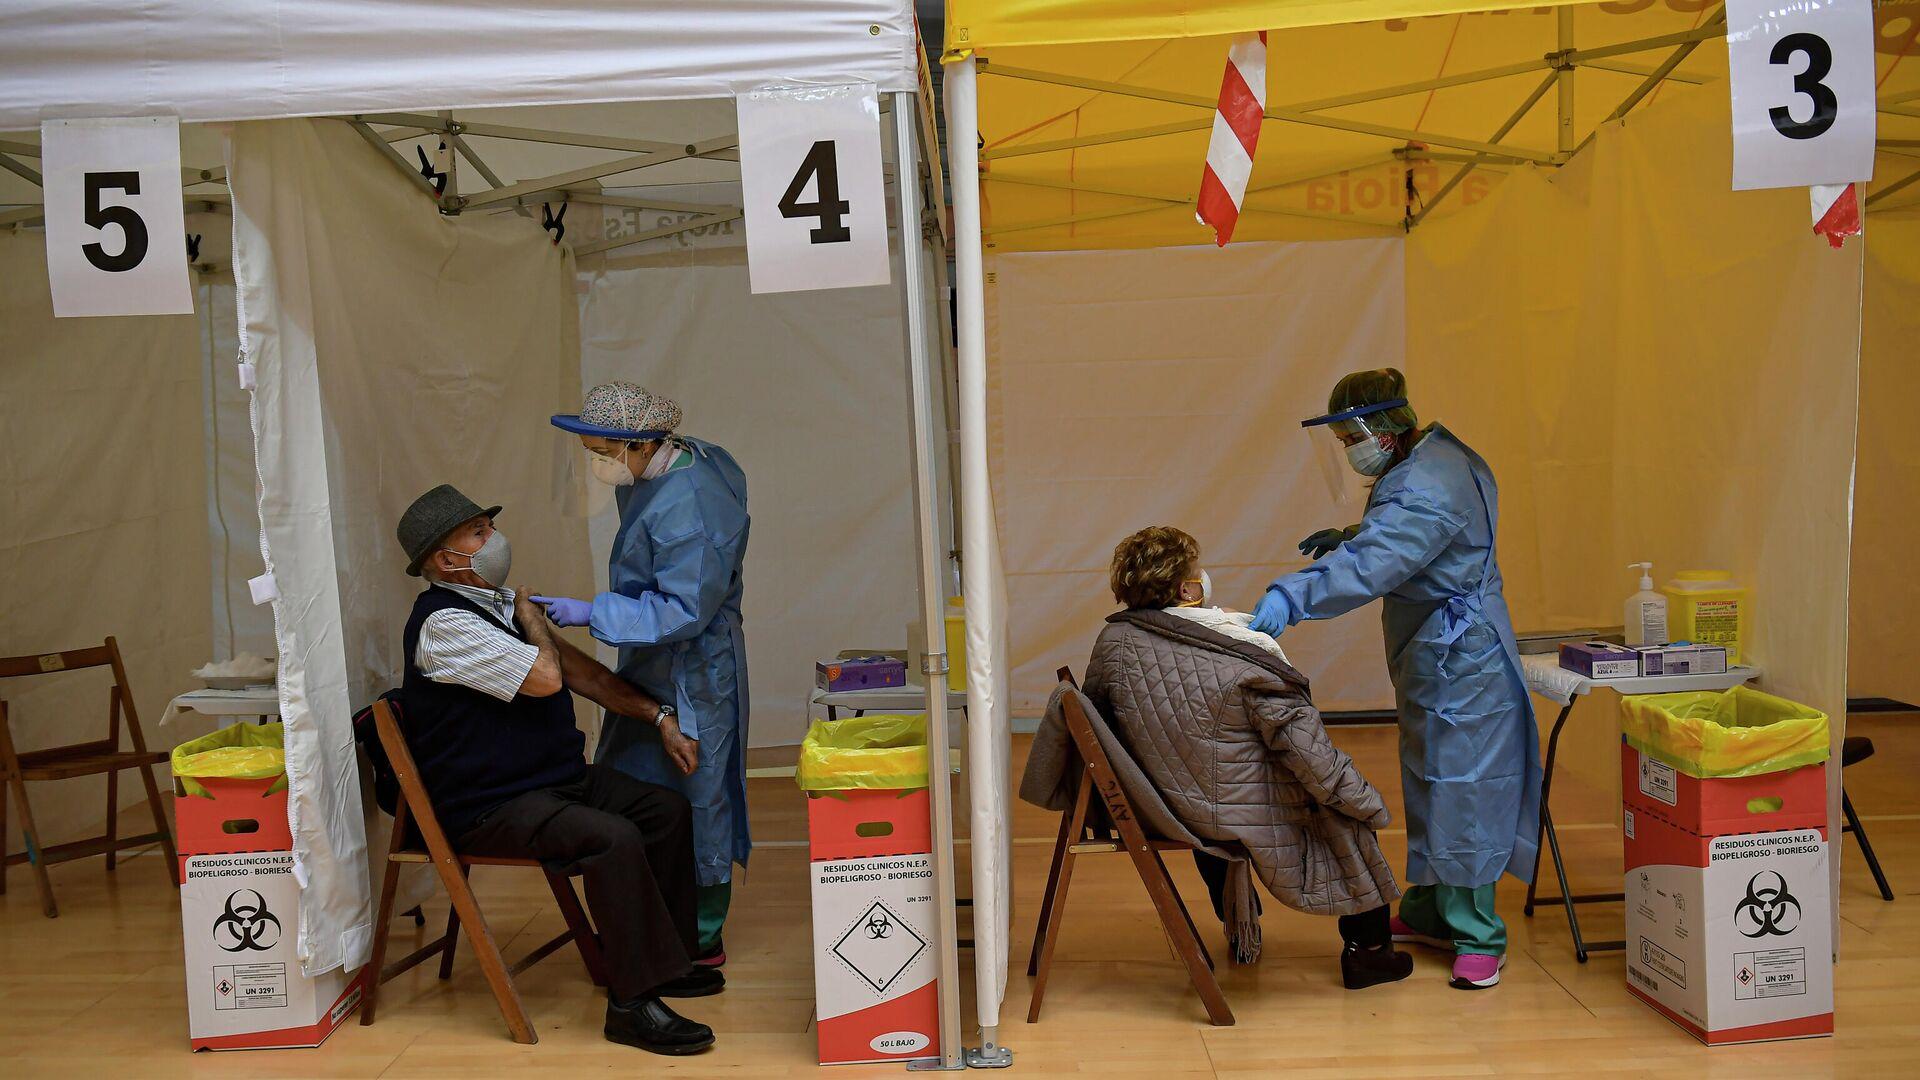 Dos ancianos reciben la vacuna Pfizer contra el coronavirus en el norte de España. 4 de marzo de 2021. - Sputnik Mundo, 1920, 04.03.2021